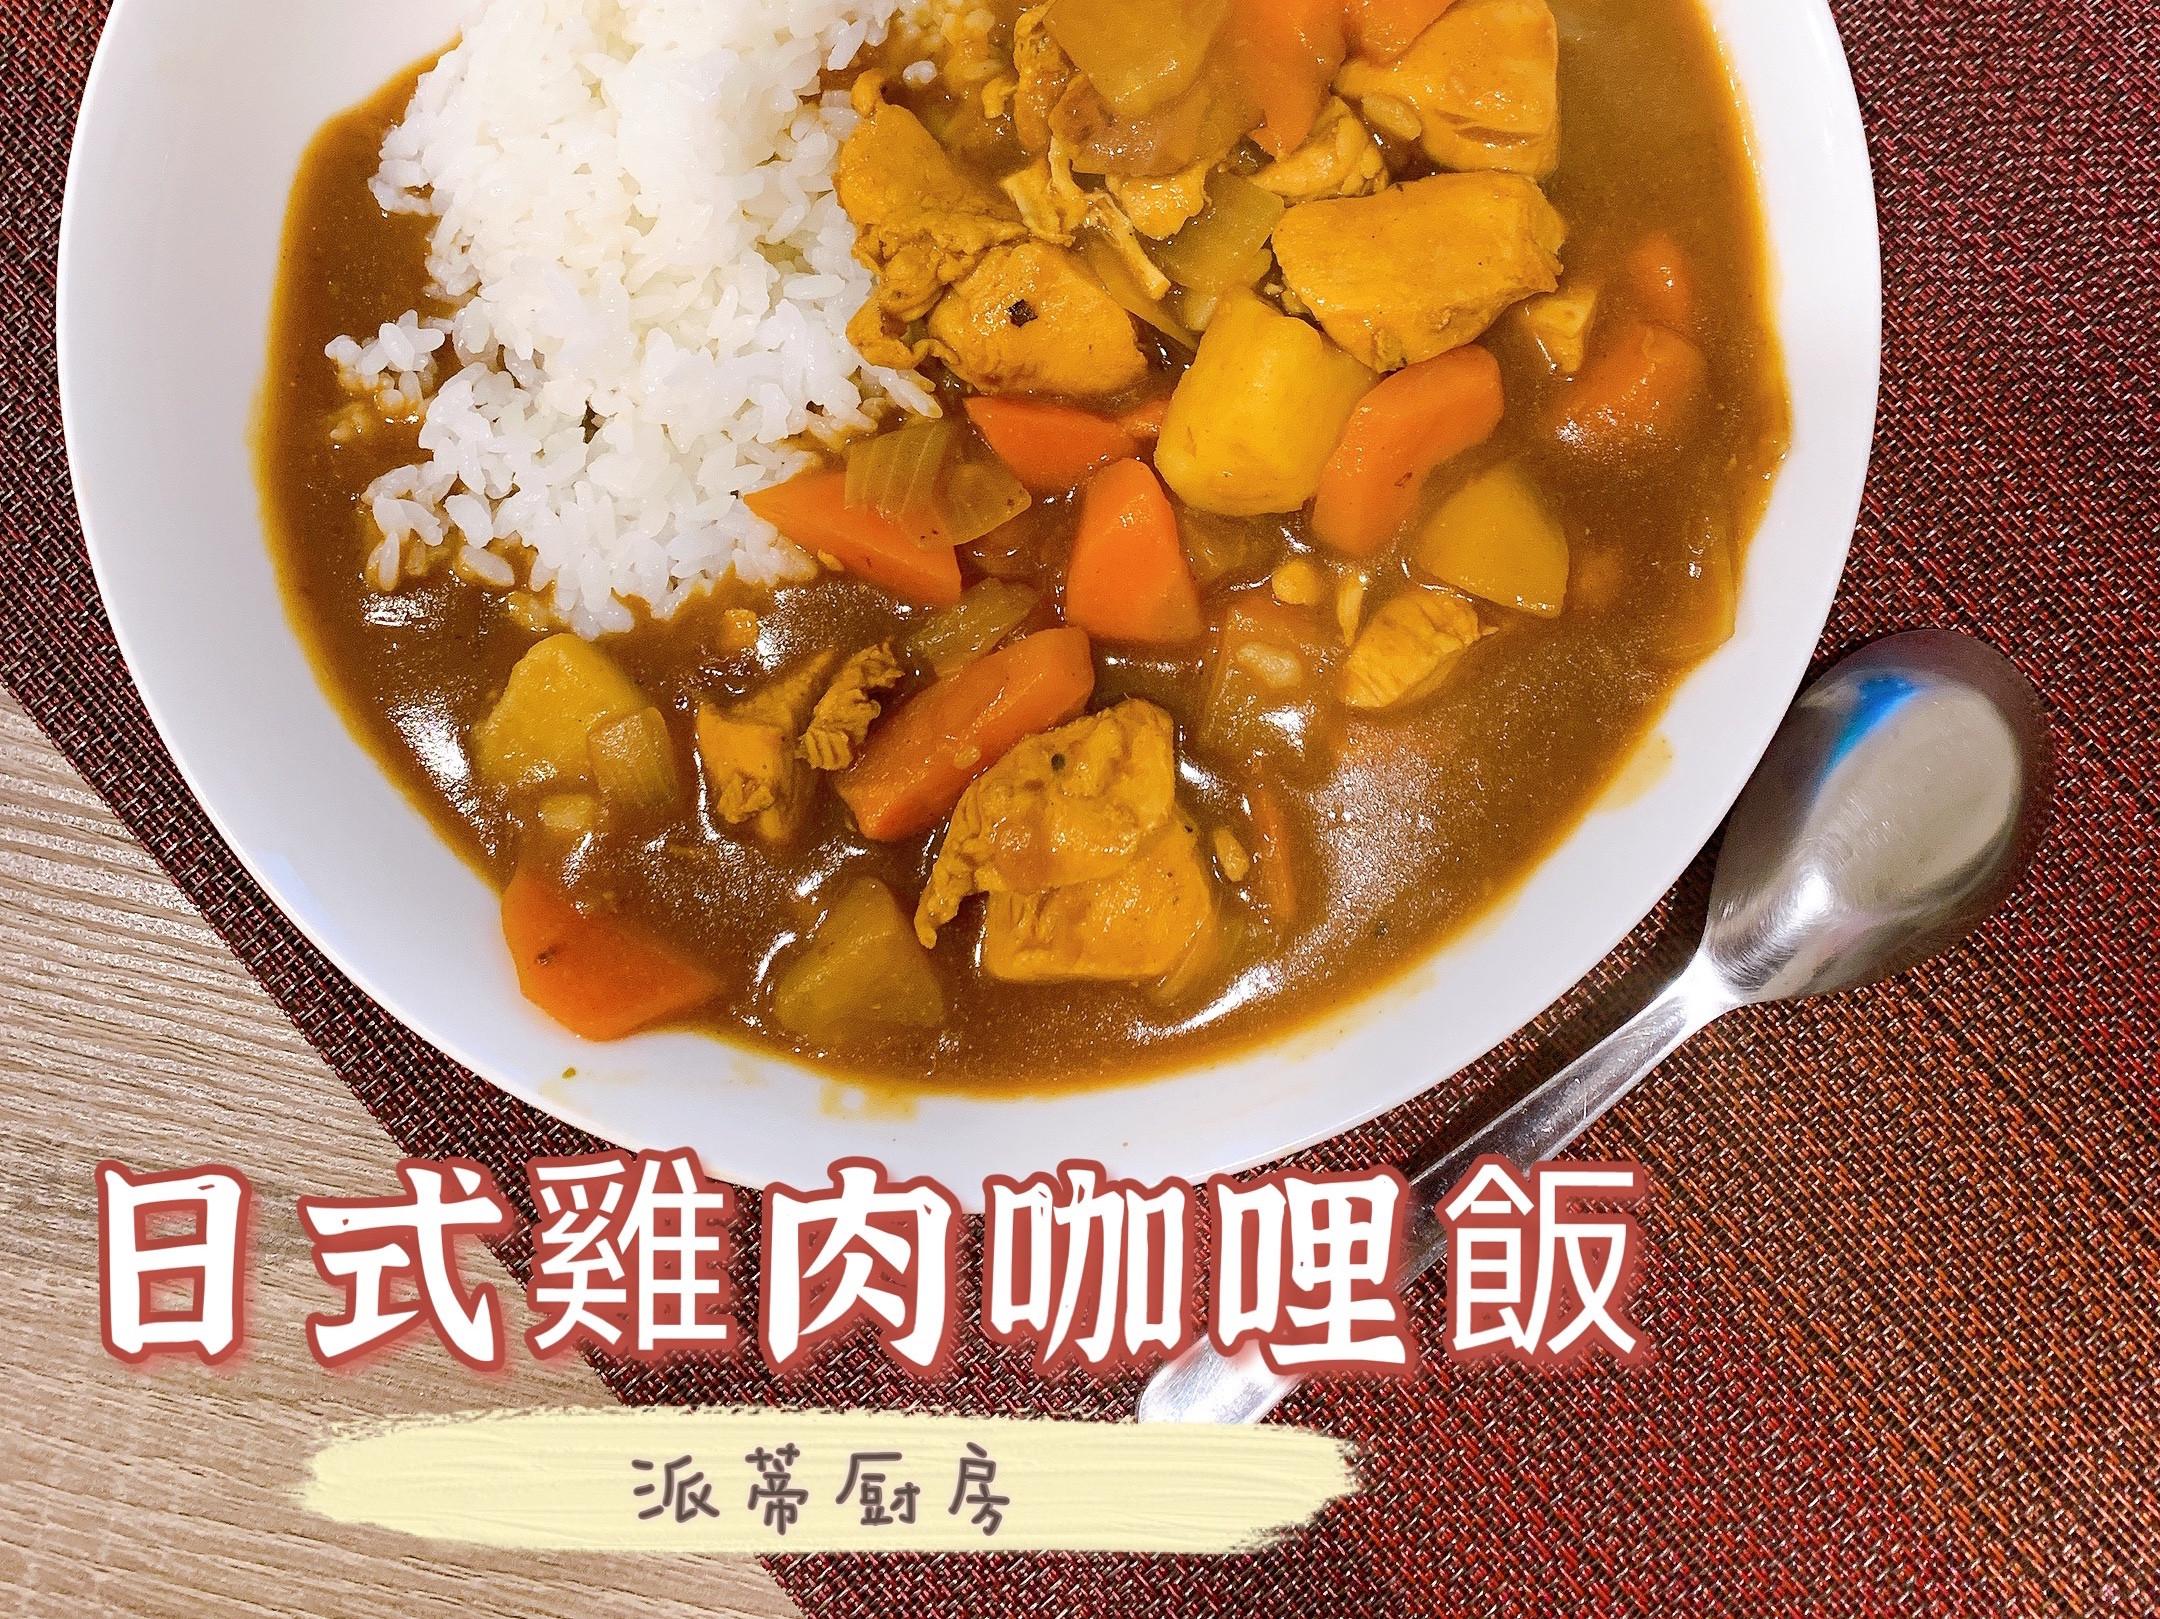 [食谱教學]日式雞肉咖哩飯 包你吃兩碗飯